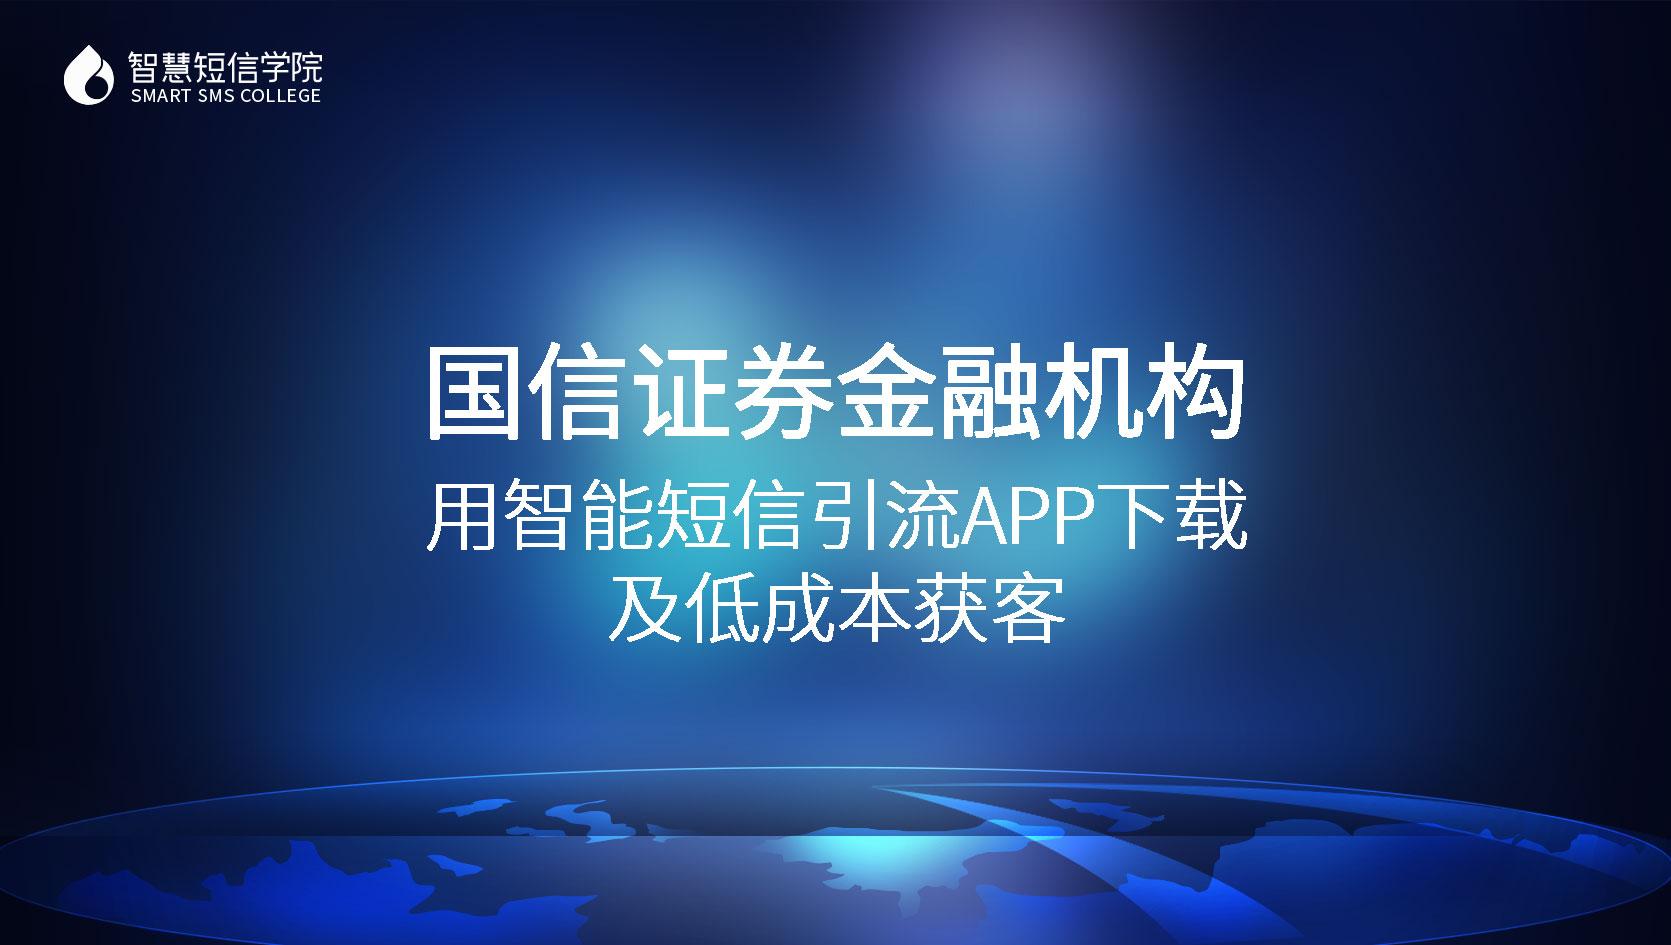 国信证券金融机构用智能短信引流APP下载及低成本获客